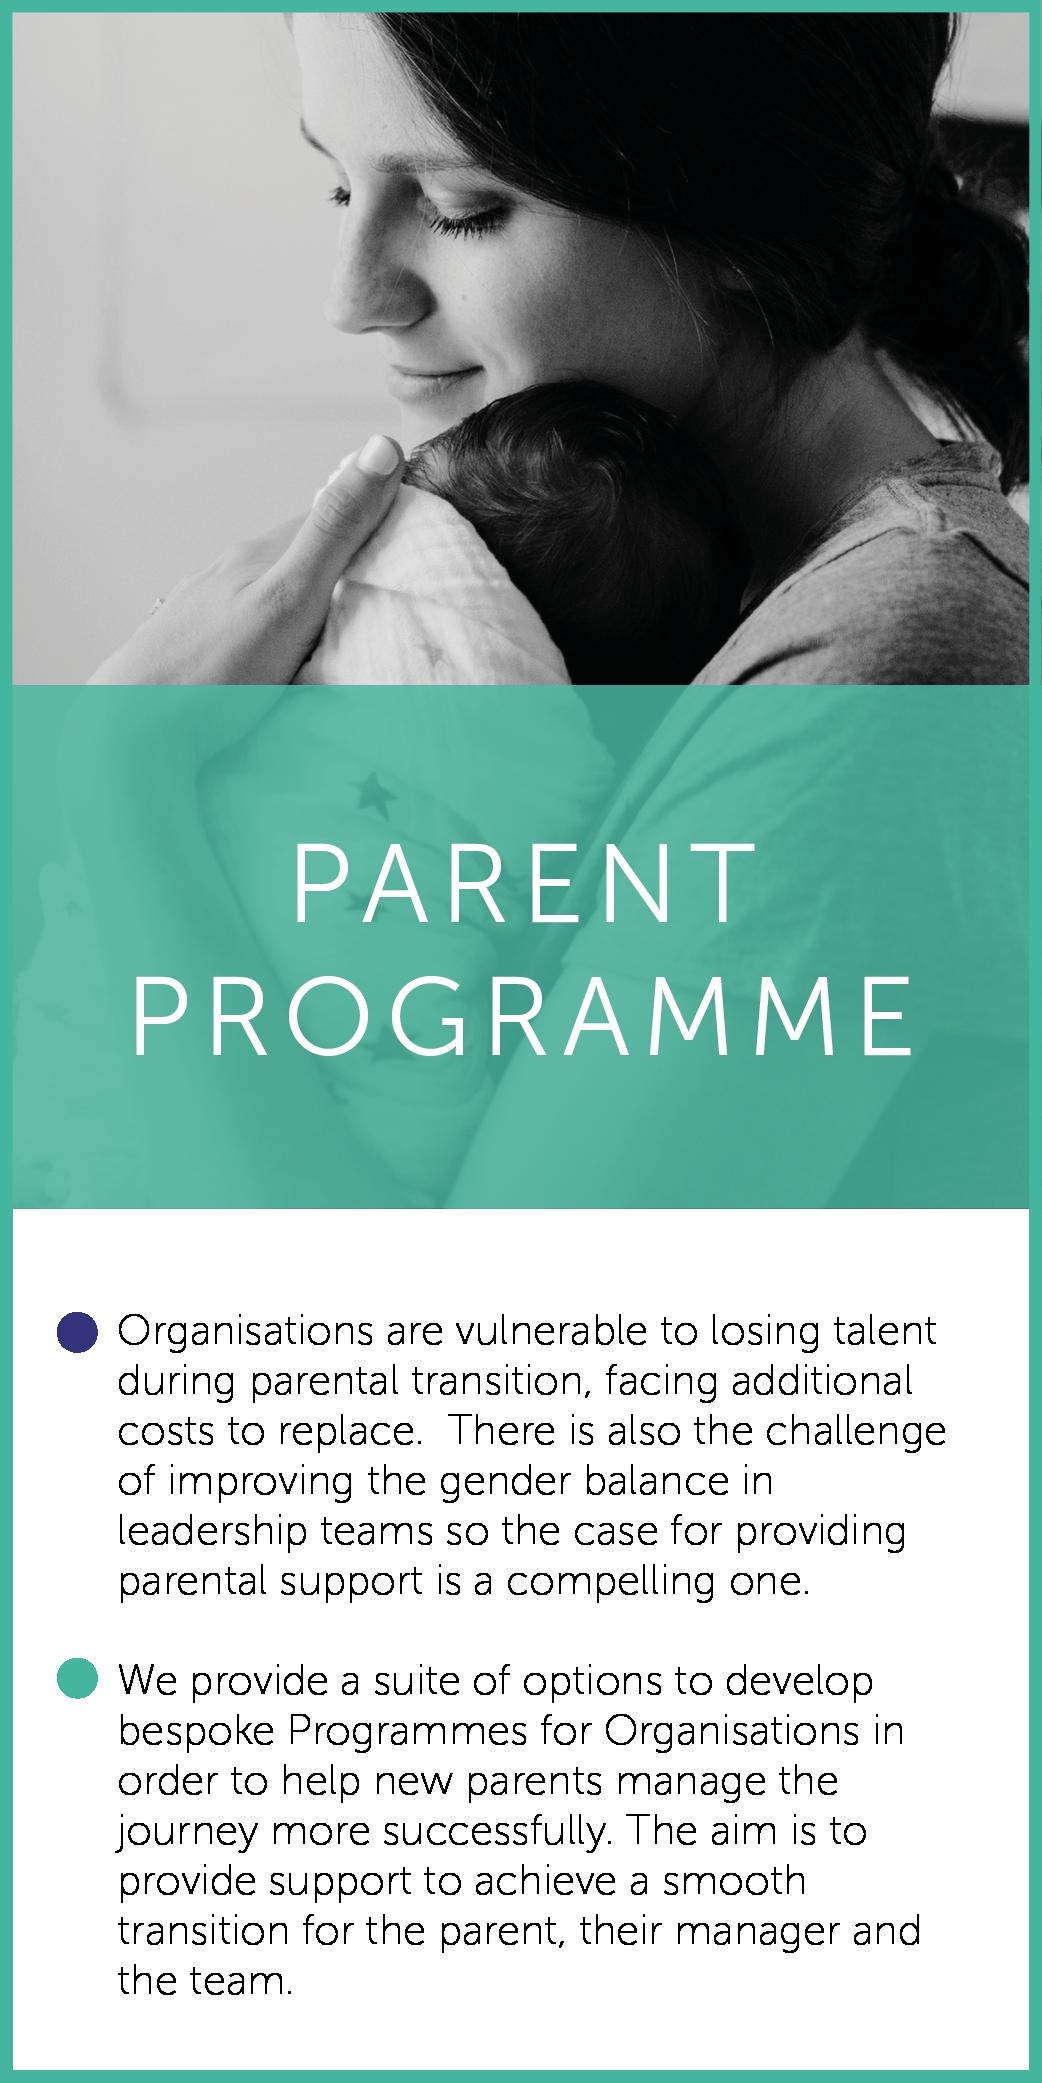 PARENT PROGRAMME Beingworks